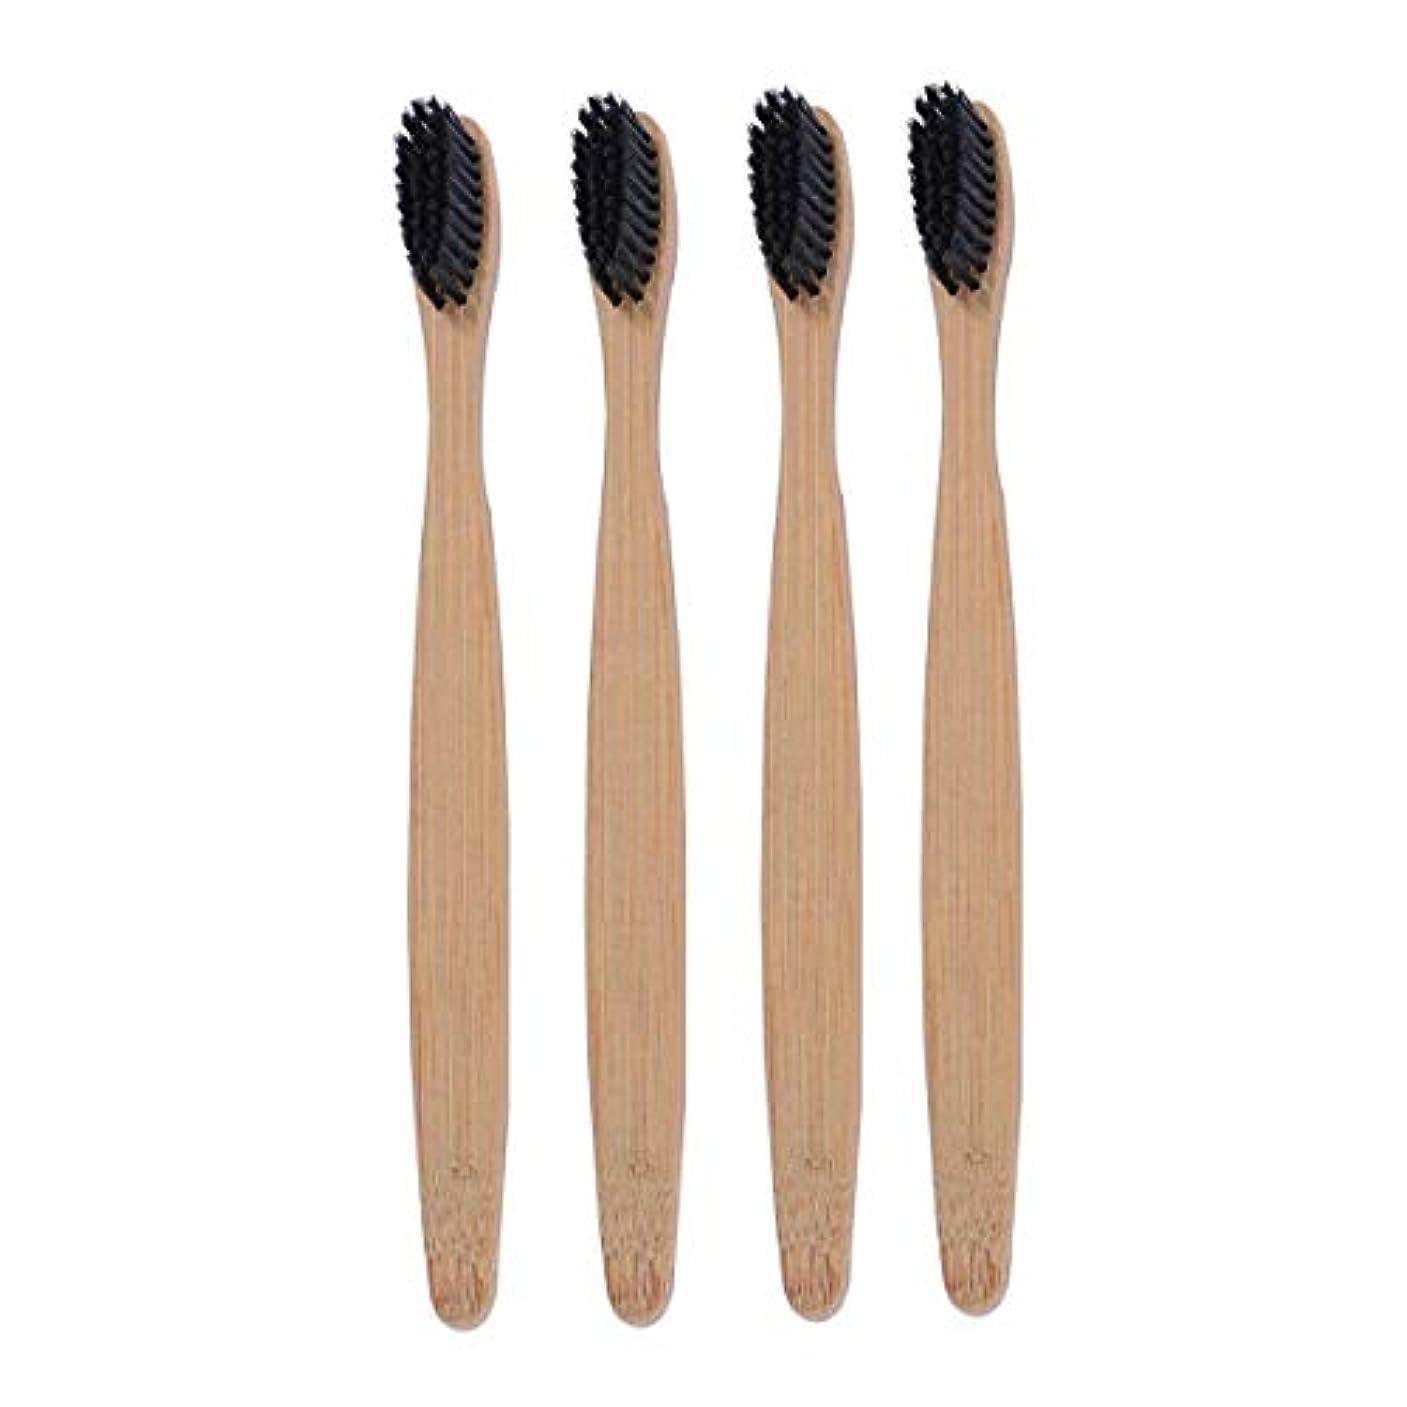 ショルダー深くエキスパートROSENICE 竹炭の歯ブラシ使い捨て低炭素歯ブラシ4本(黒)